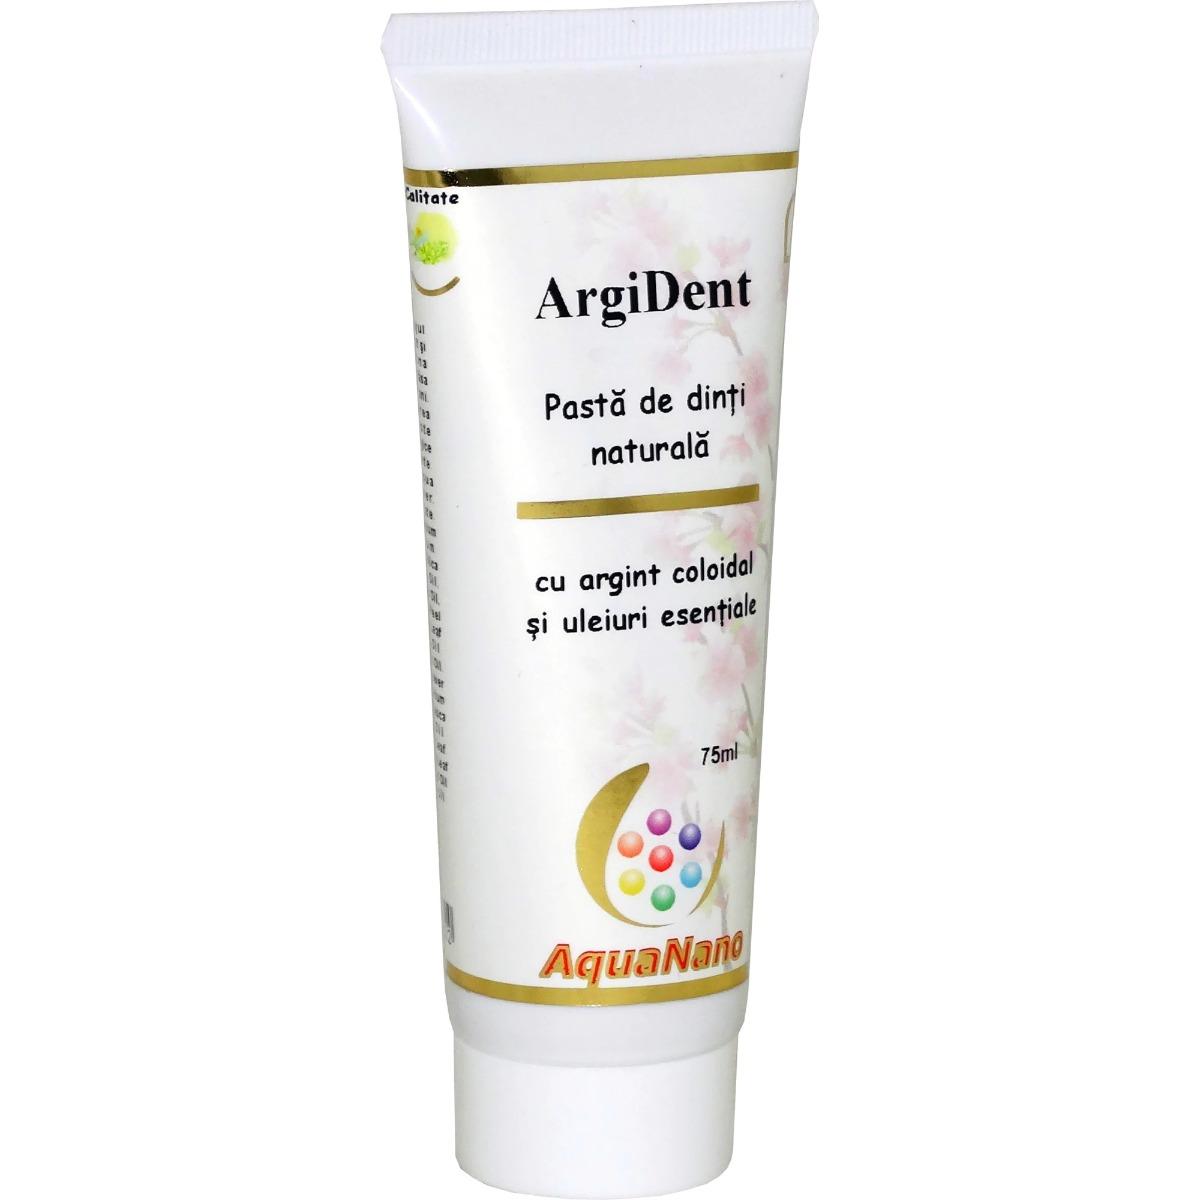 Pasta de dinti ArgiDent cu argint coloidal si uleiuri esentiale AquaNano, 75ml, Aghoras drmax.ro